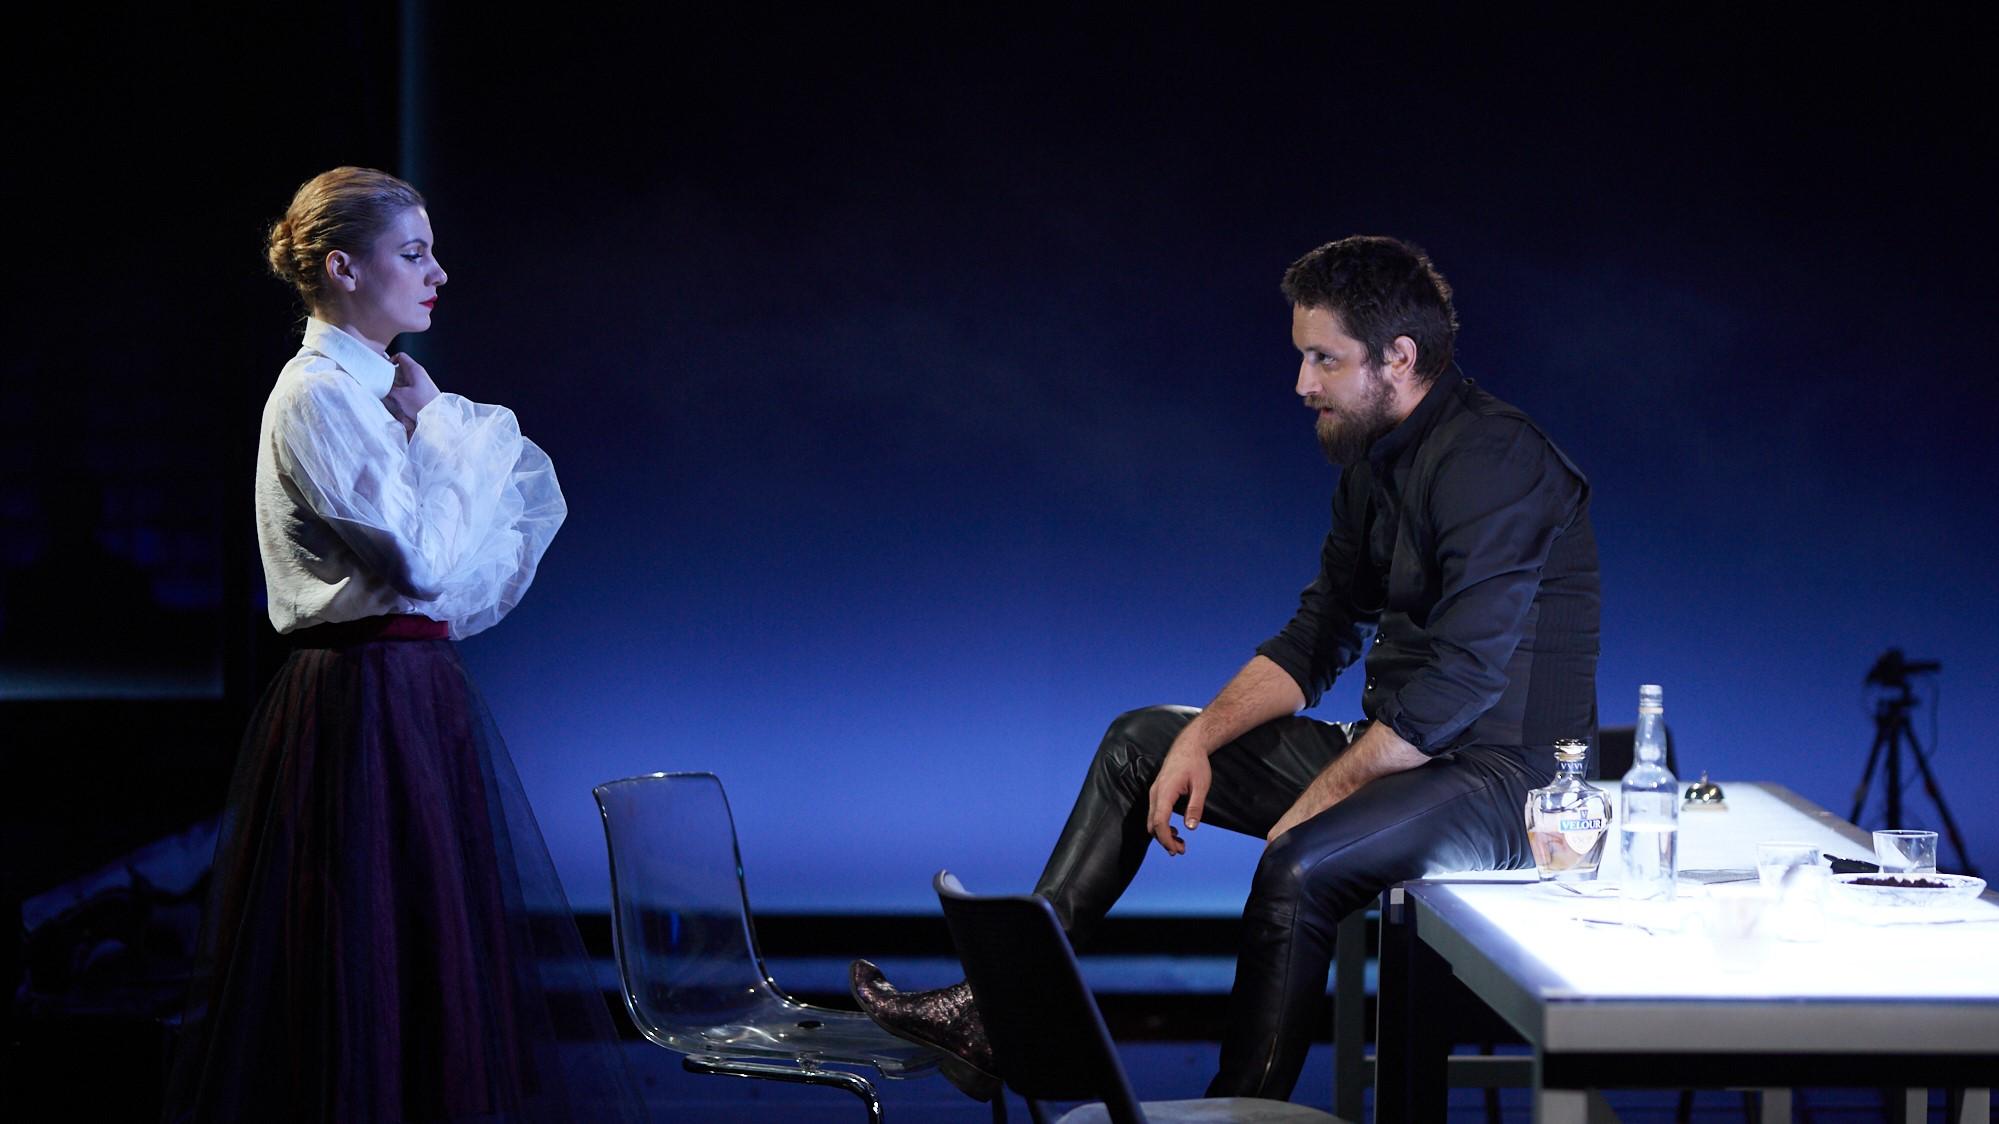 Delirium, Teaatrul Odeon, regie Vlad Massaci